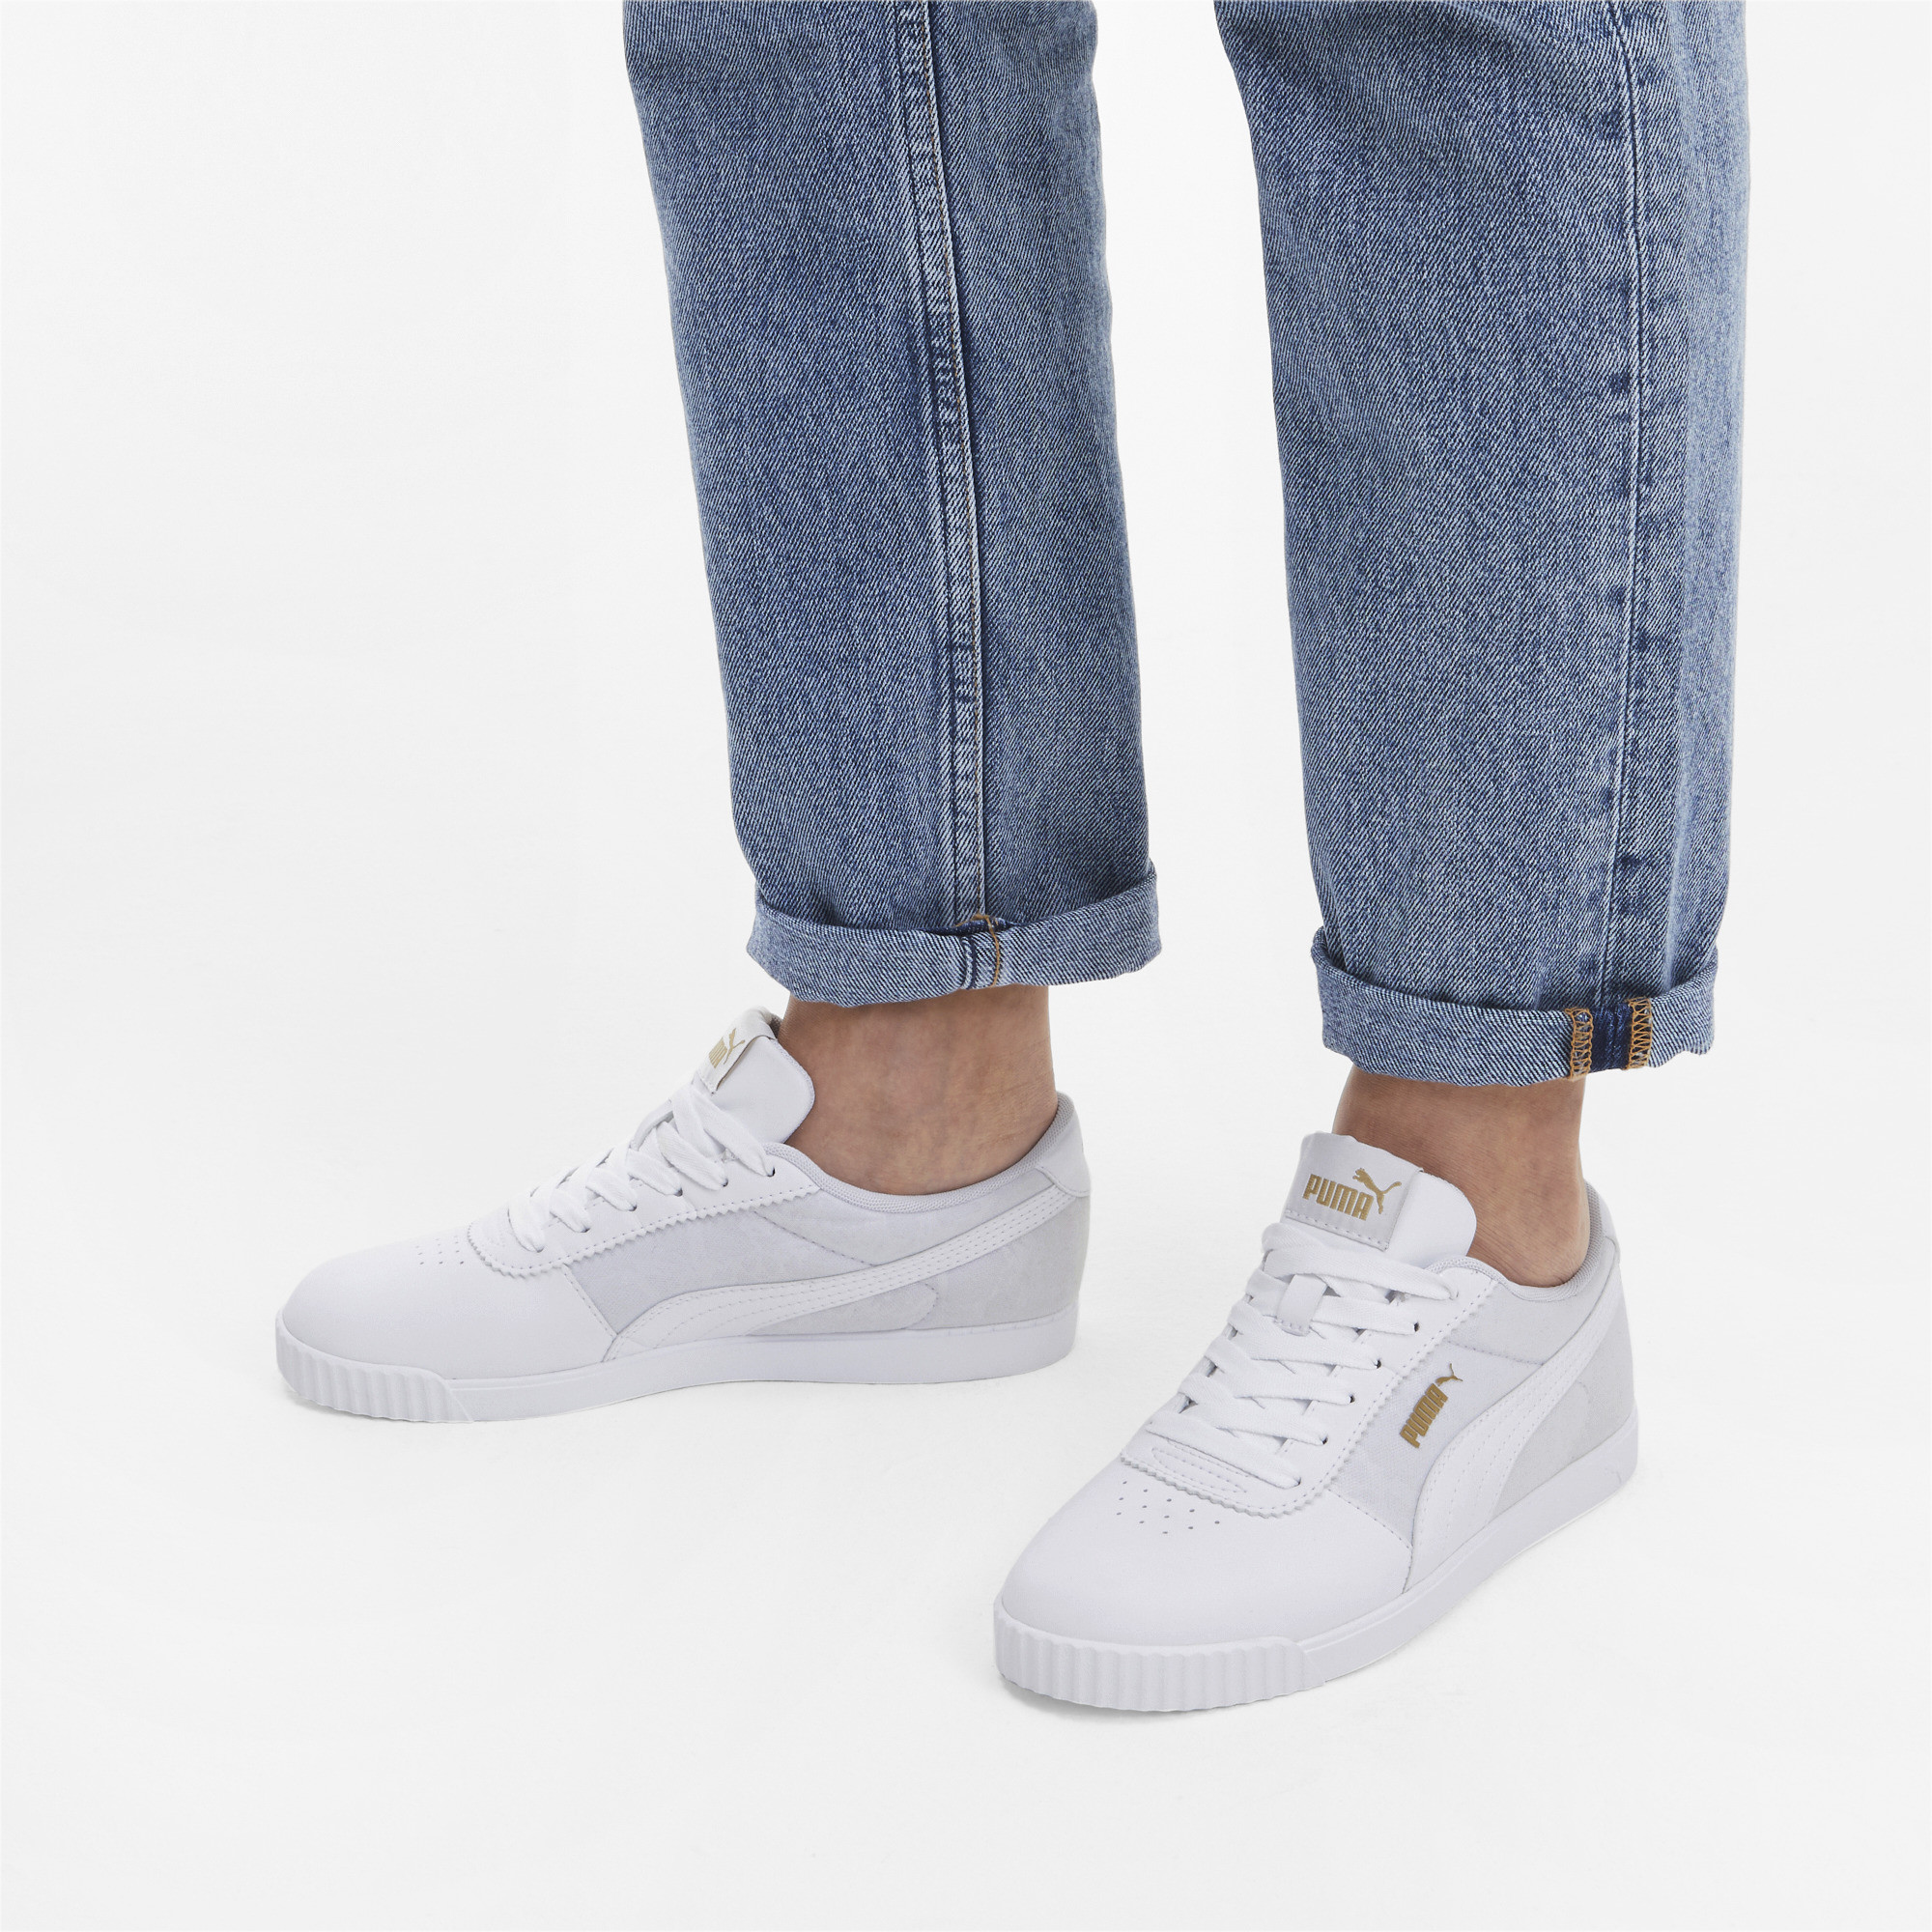 PUMA-Women-039-s-Carina-Slim-Veil-Sneakers thumbnail 5